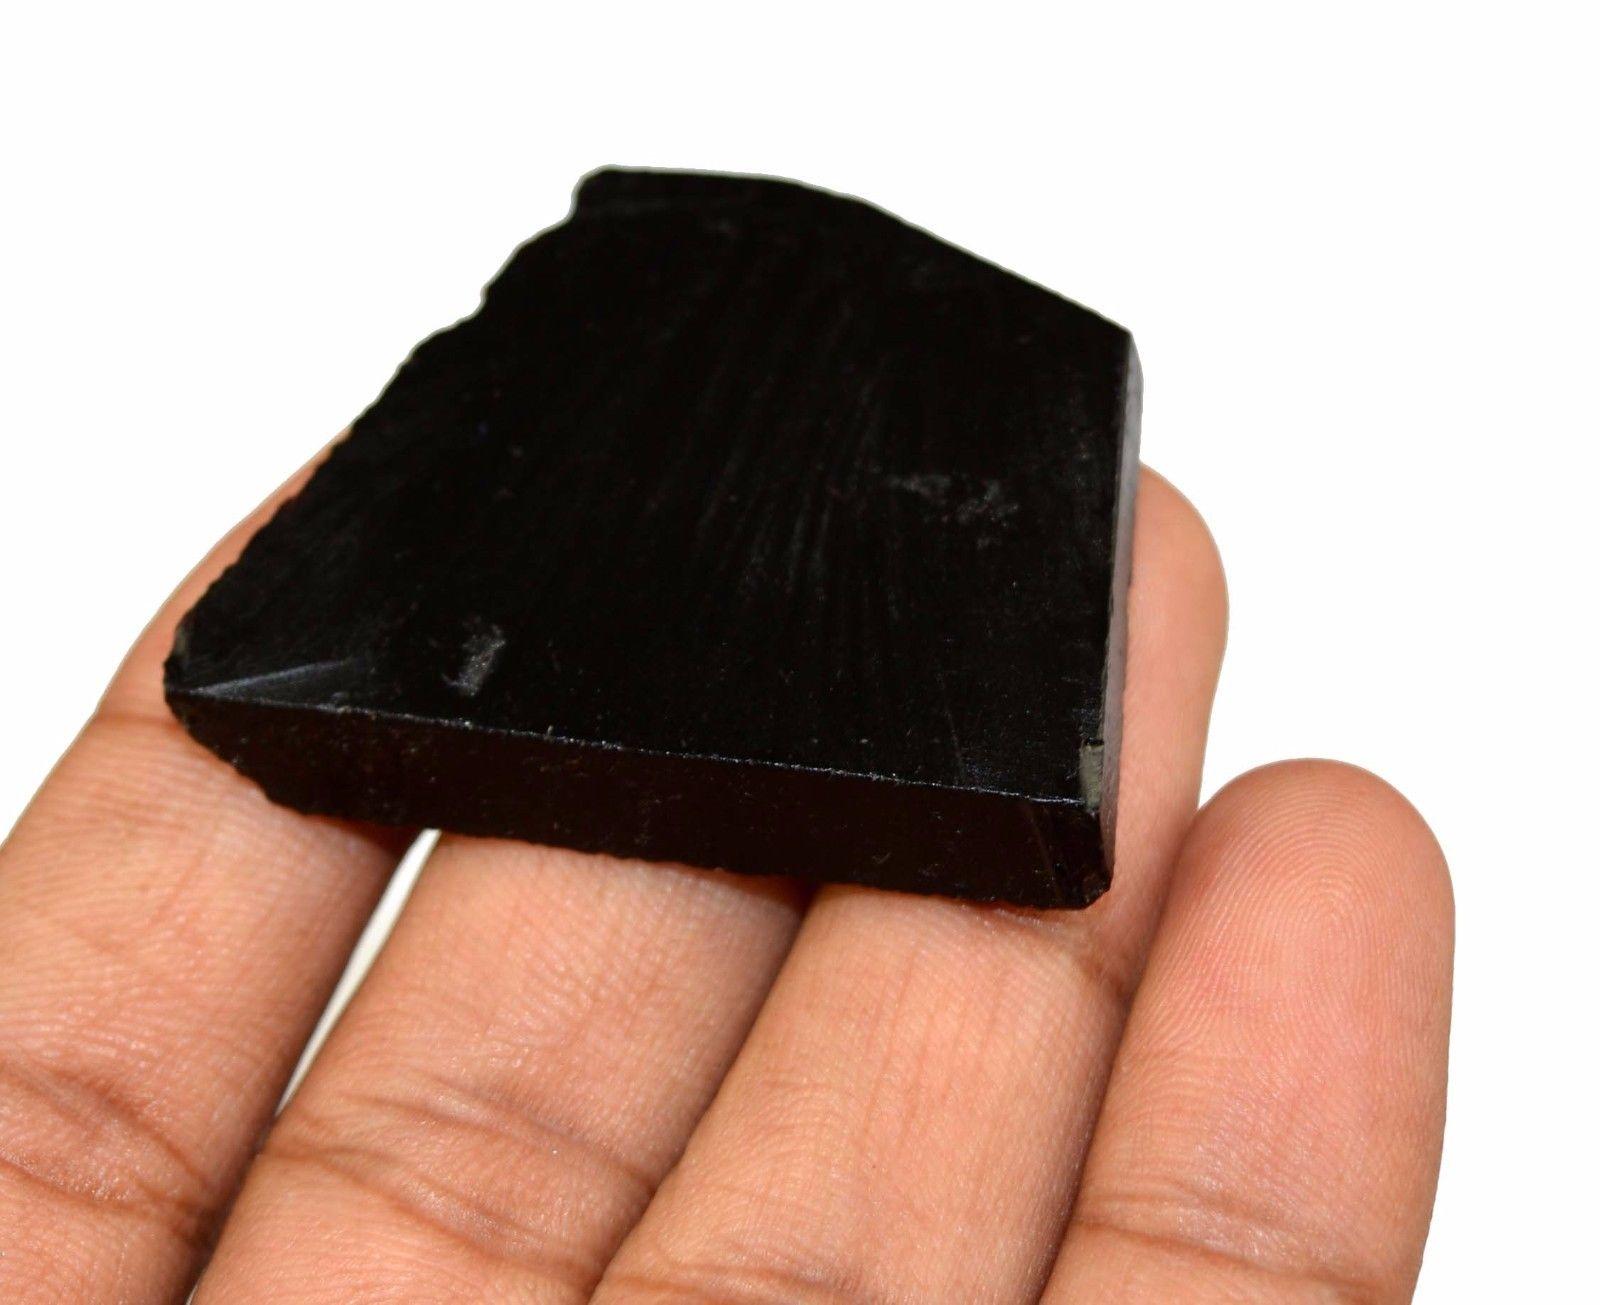 אבן חן: אוניקס שחור גלם לליטוש (ברזיל) 87 קרט